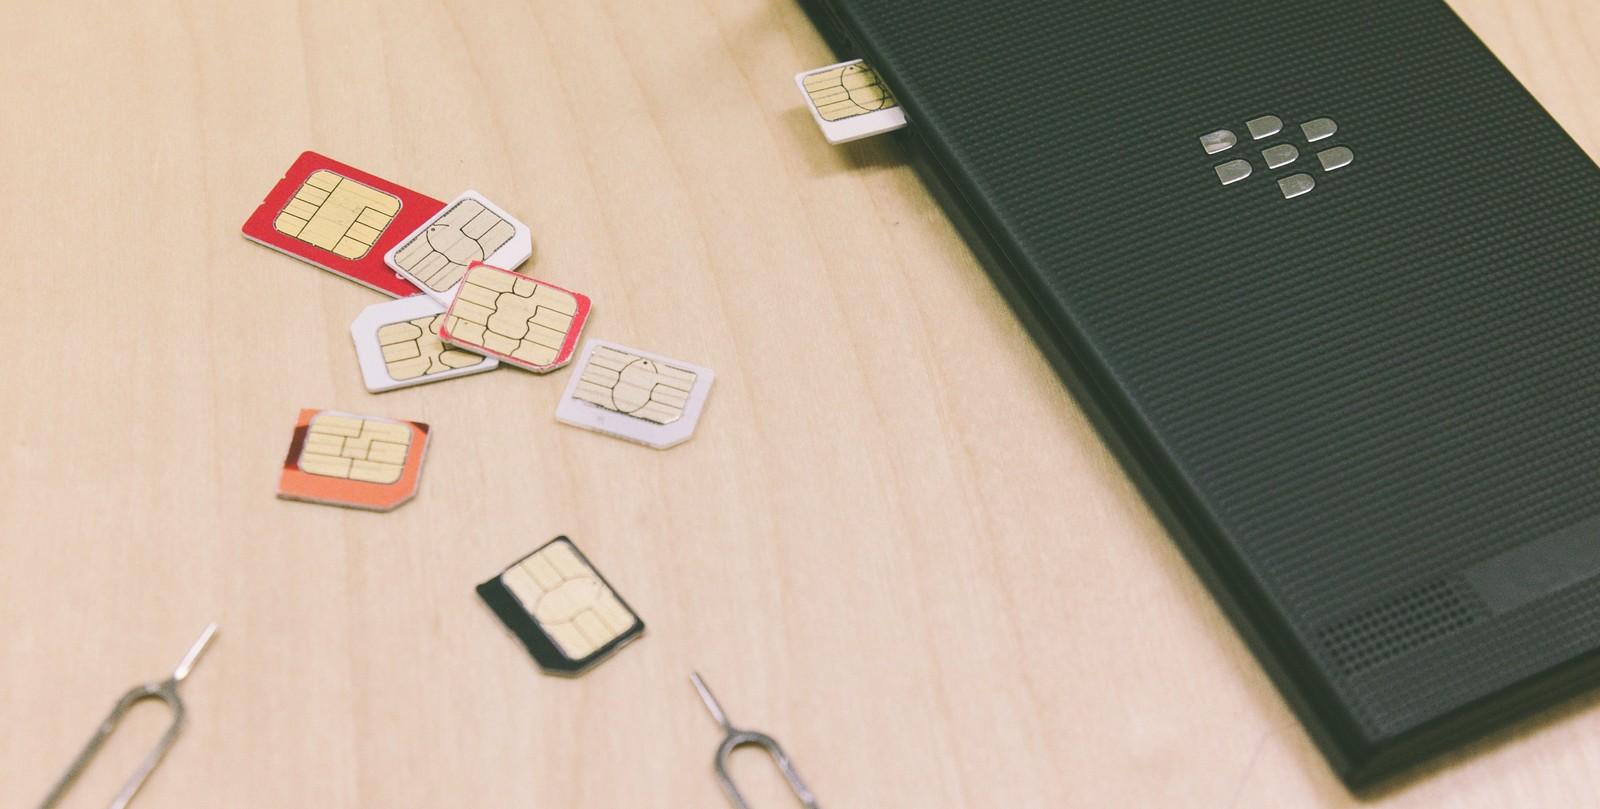 UQモバイル口座振替と楽天モバイル口座振替を口座振替できる商品で比較